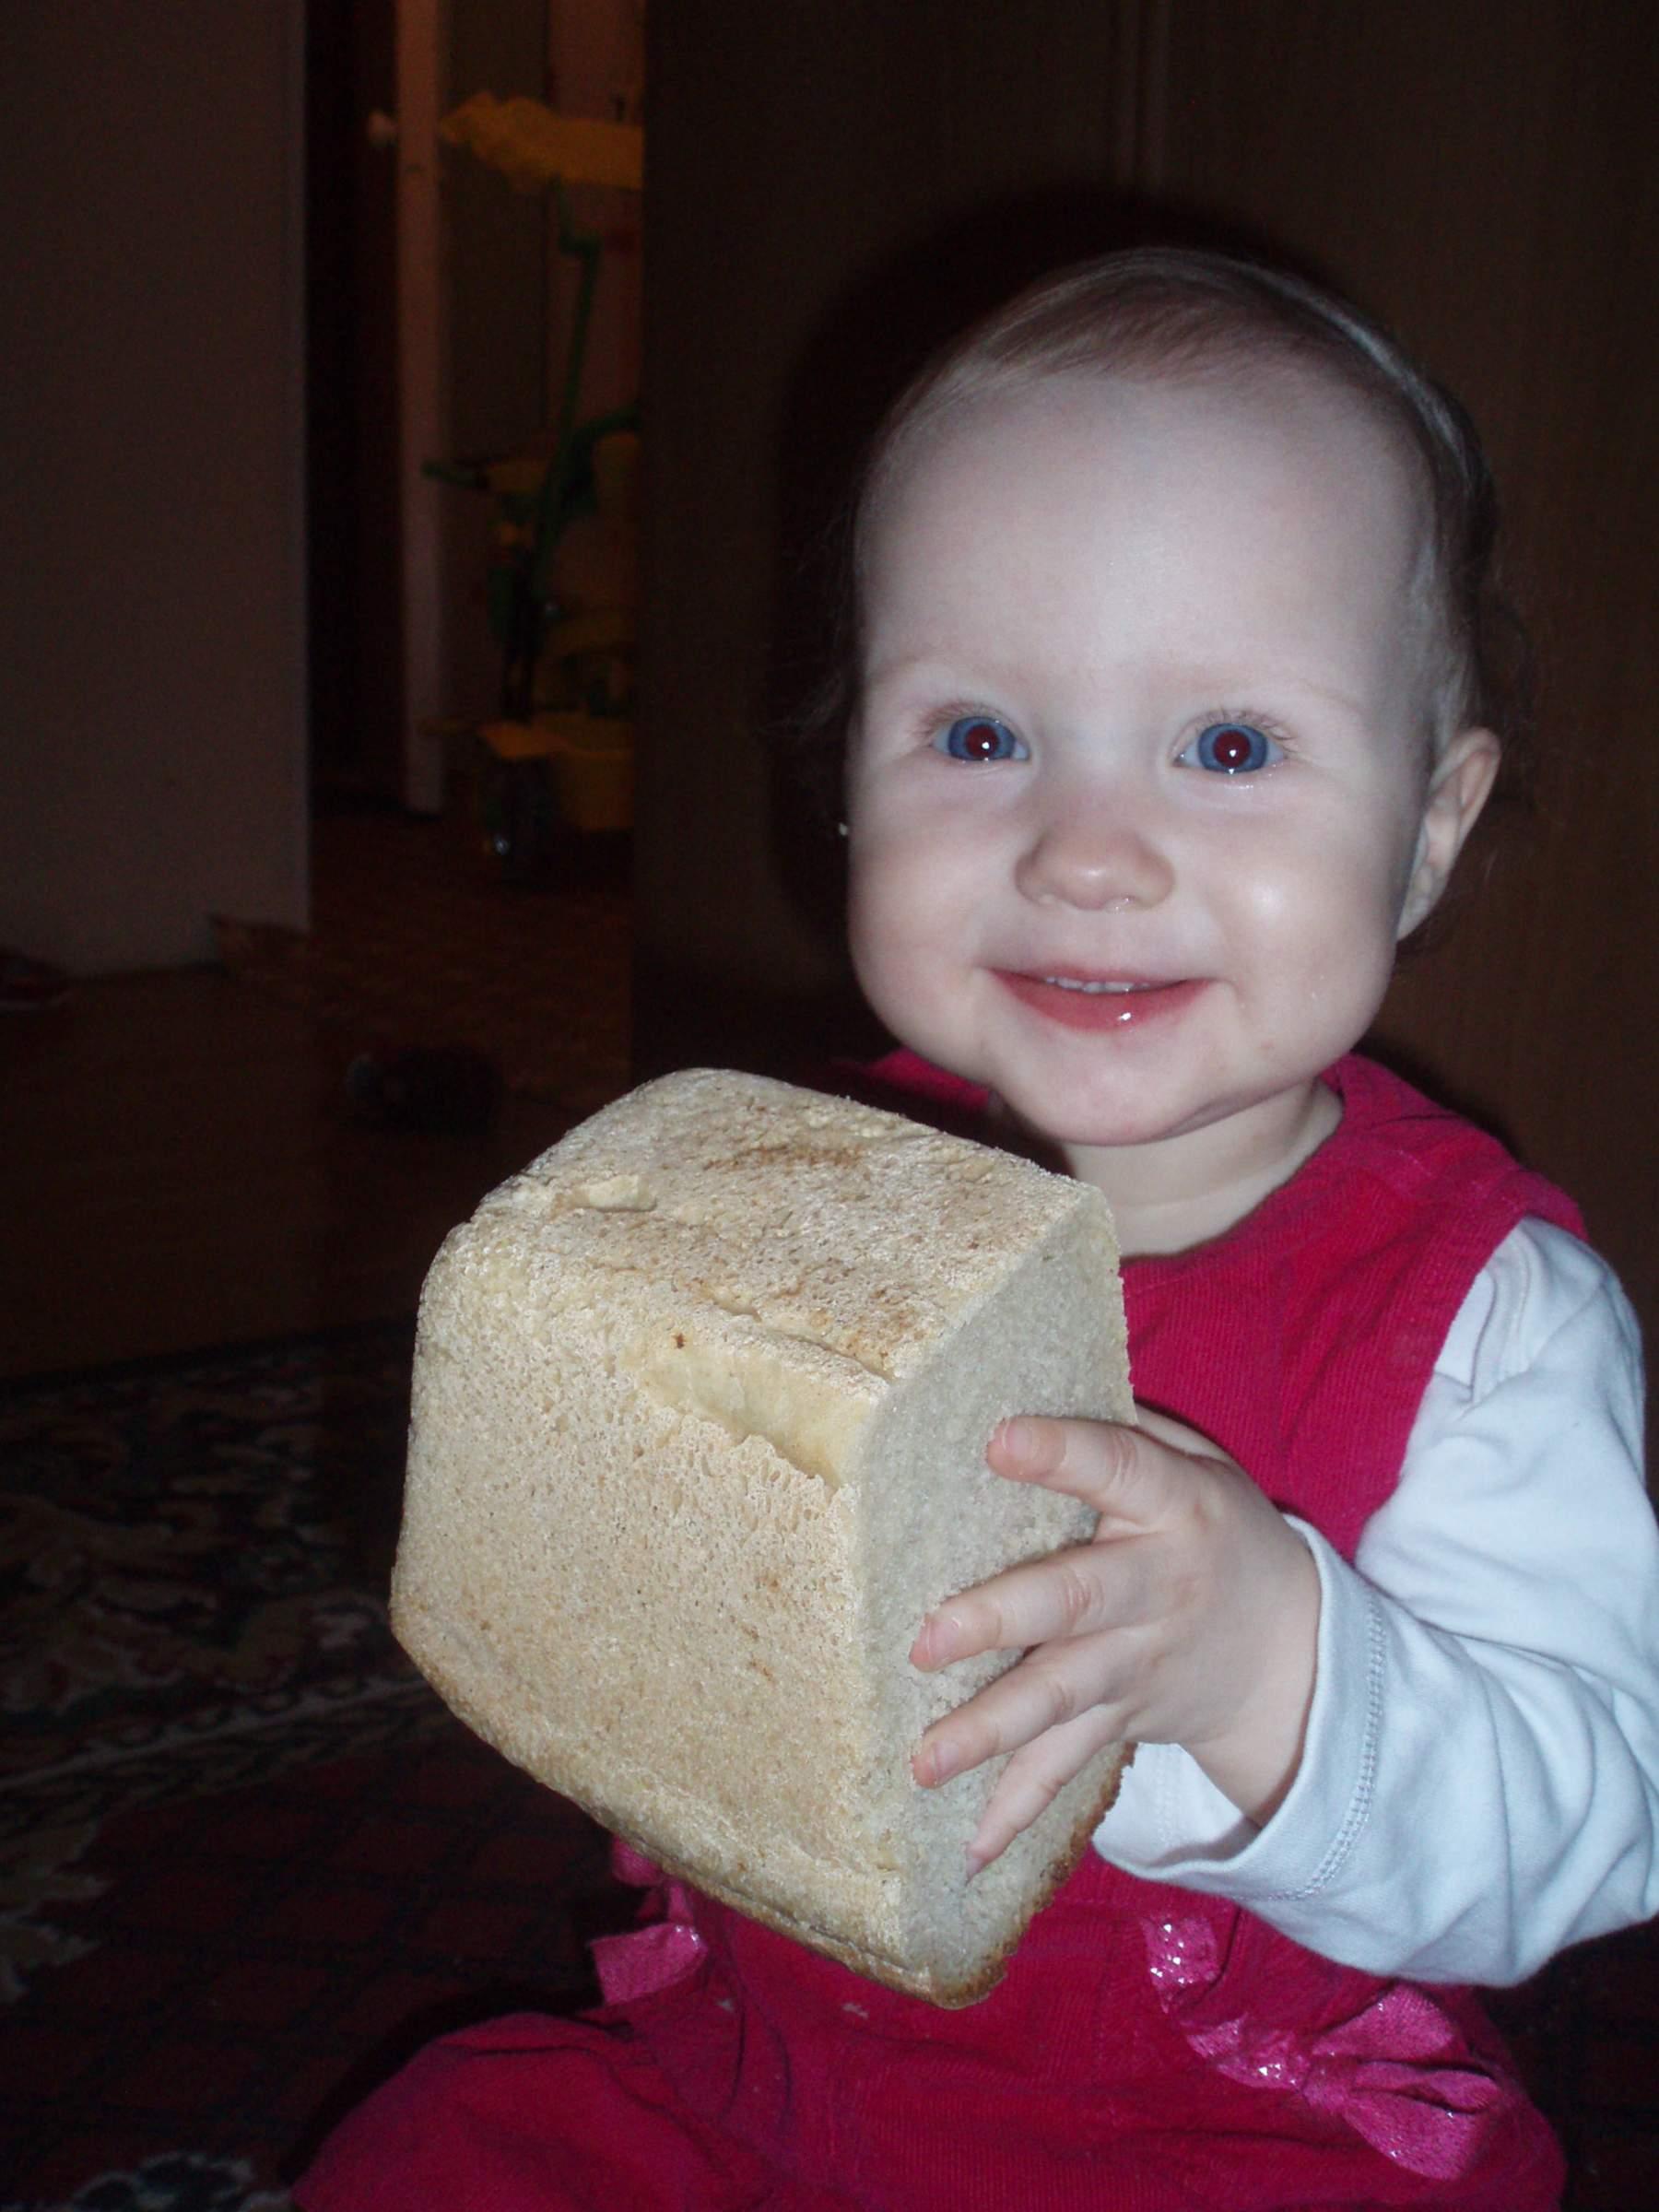 Хлеб не только всему голова, но и очень вкусная Е-ДА!. Дело вкуса